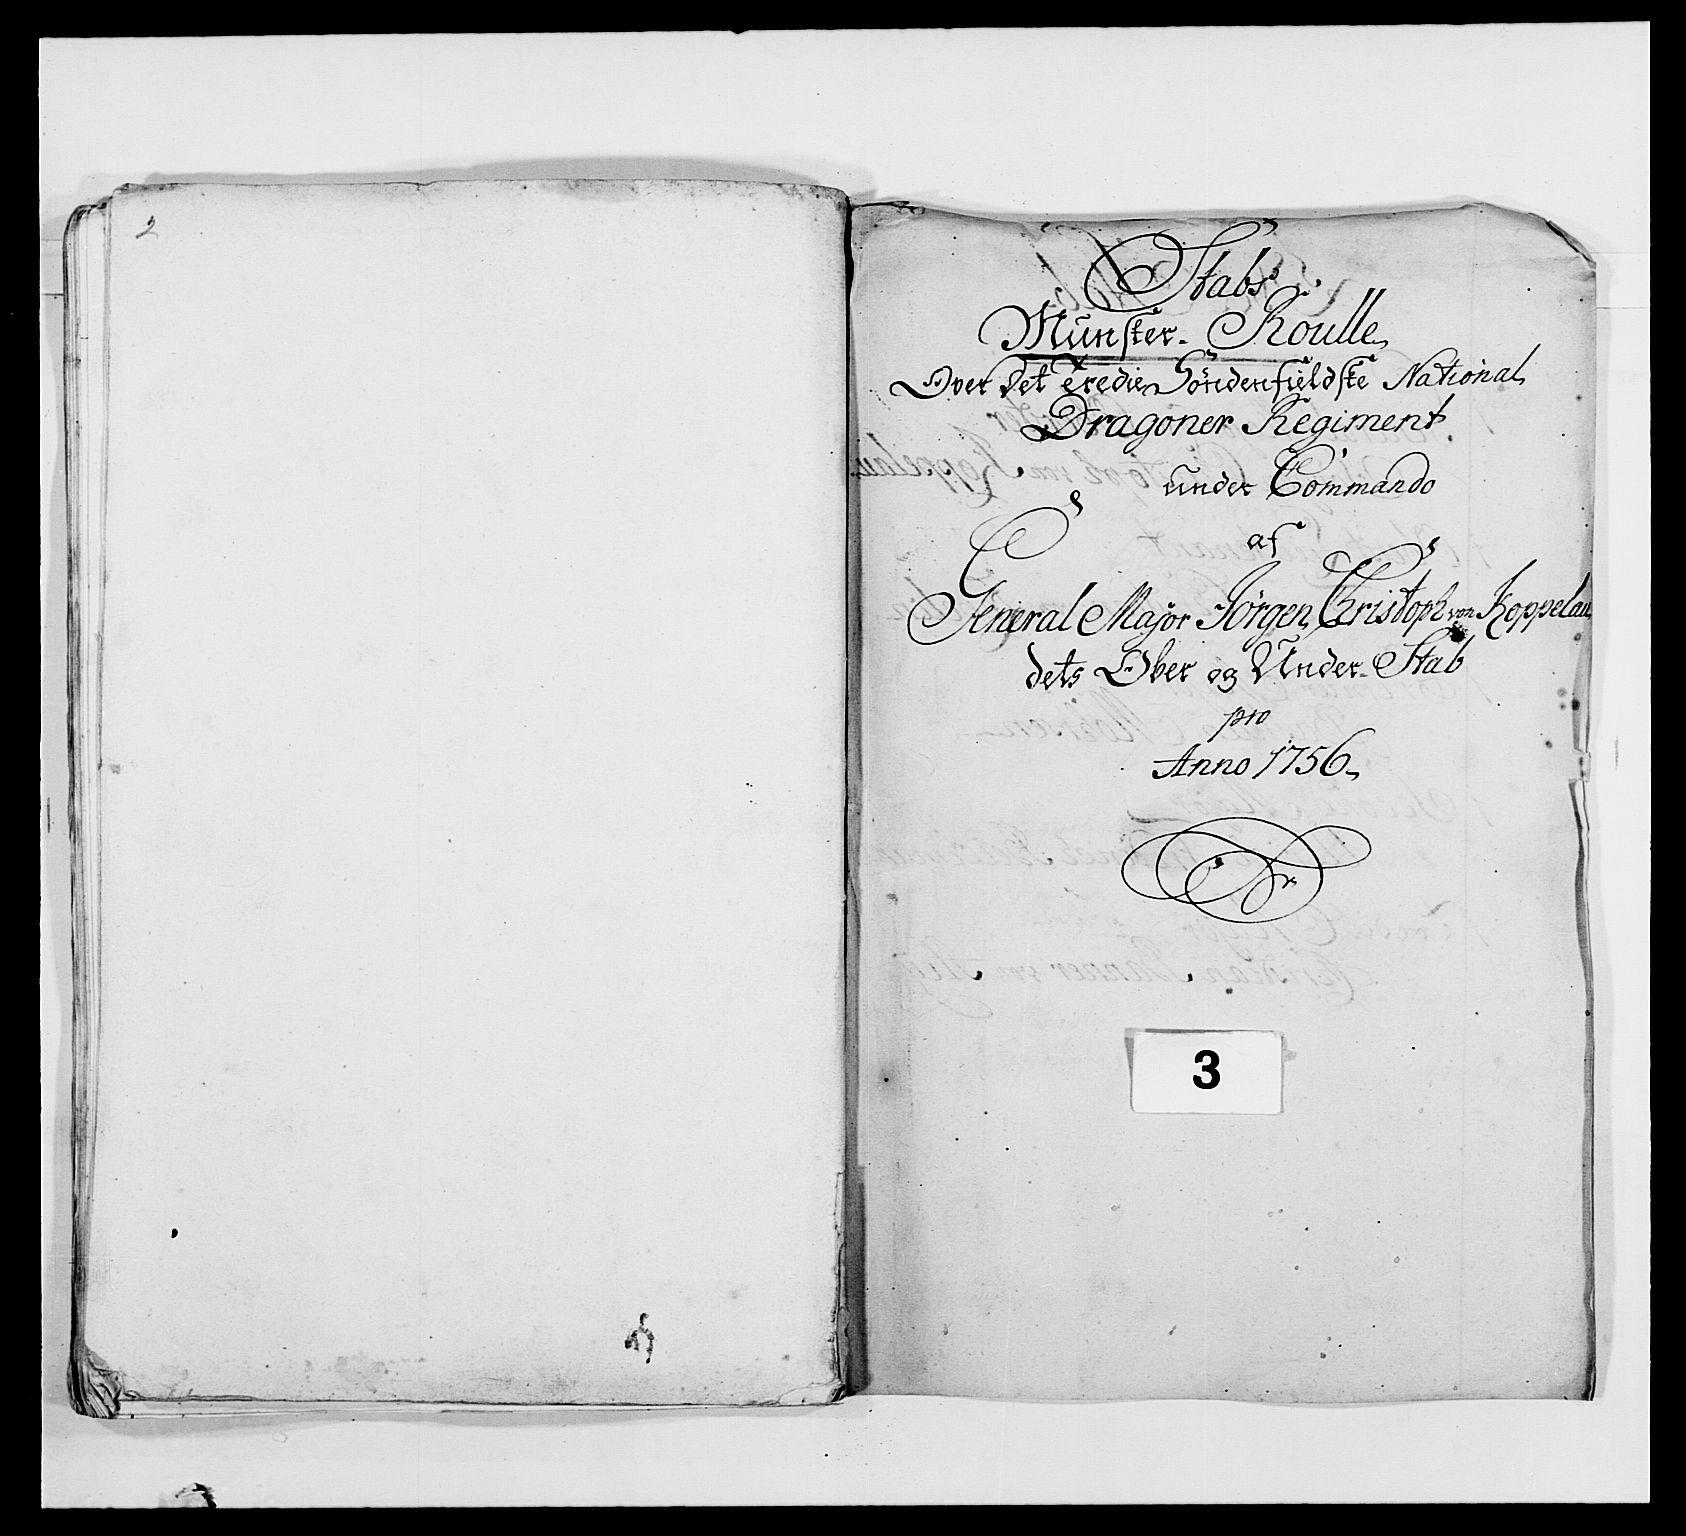 RA, Kommanderende general (KG I) med Det norske krigsdirektorium, E/Ea/L0479: 3. Sønnafjelske dragonregiment, 1756-1760, s. 58